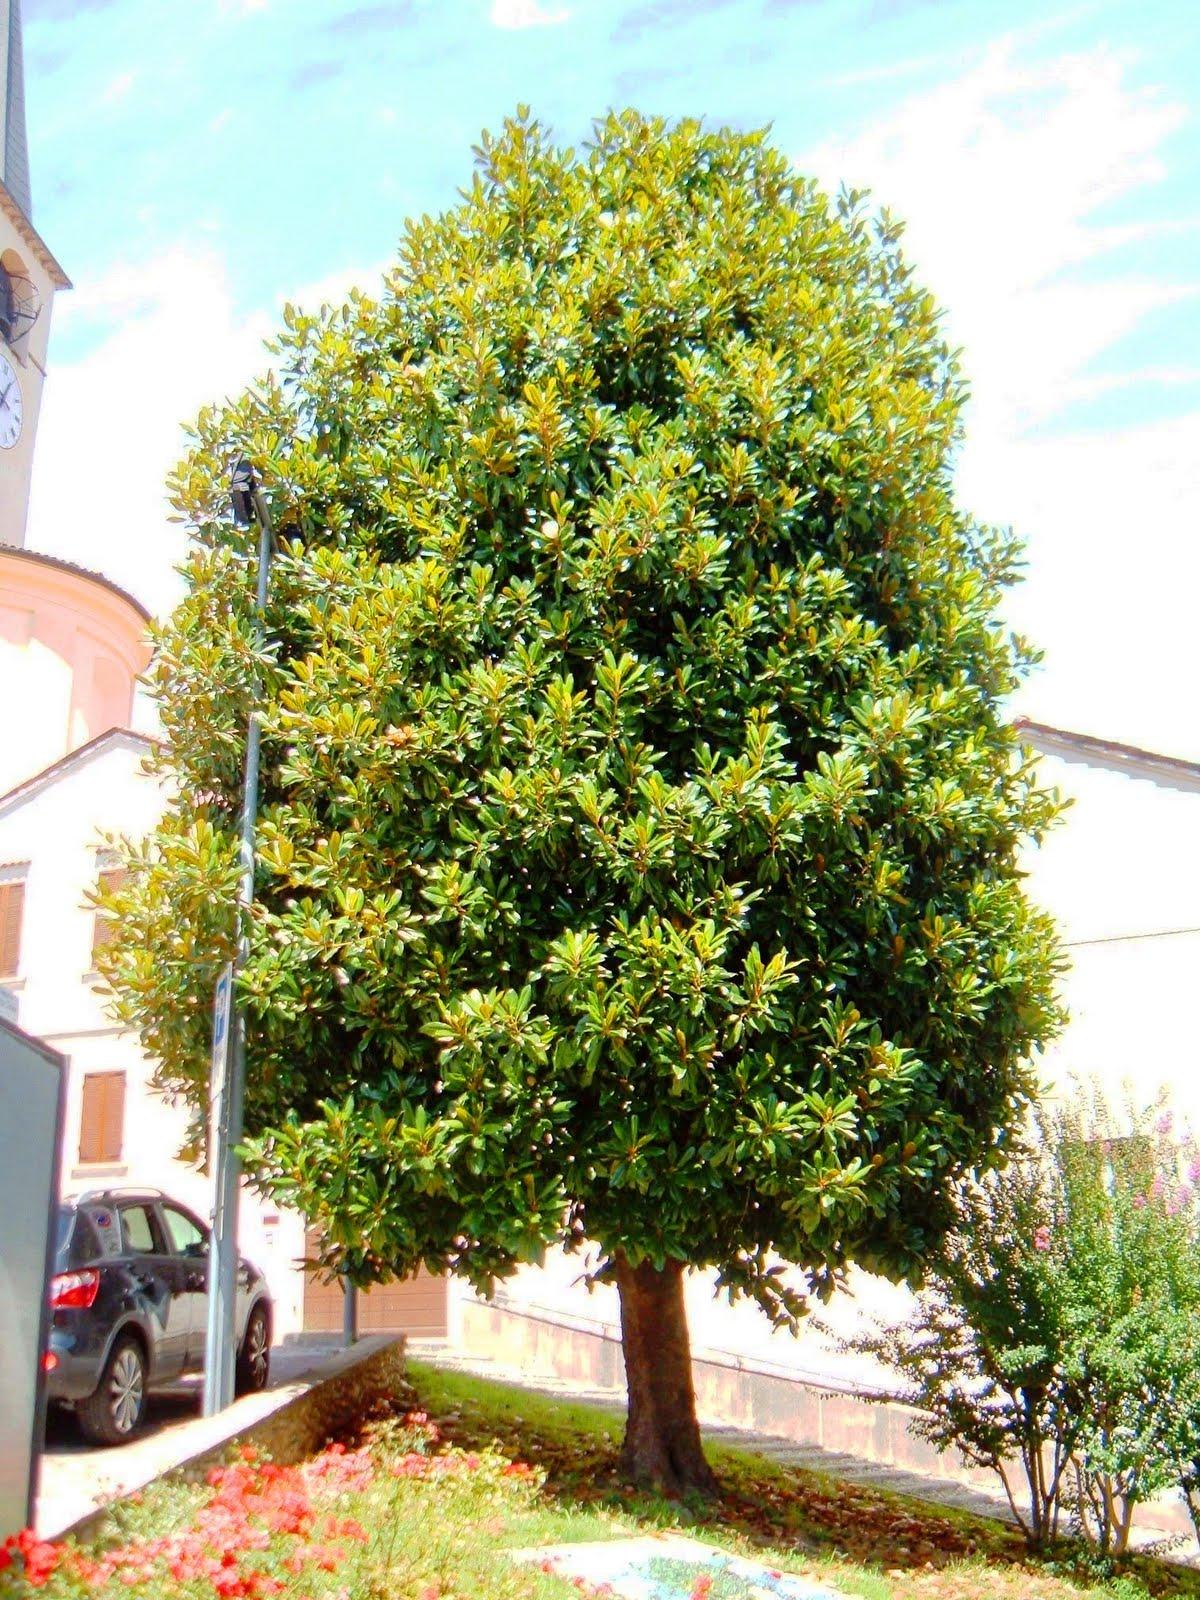 Alberi di borgo ticino: la magnolia di piazza roma